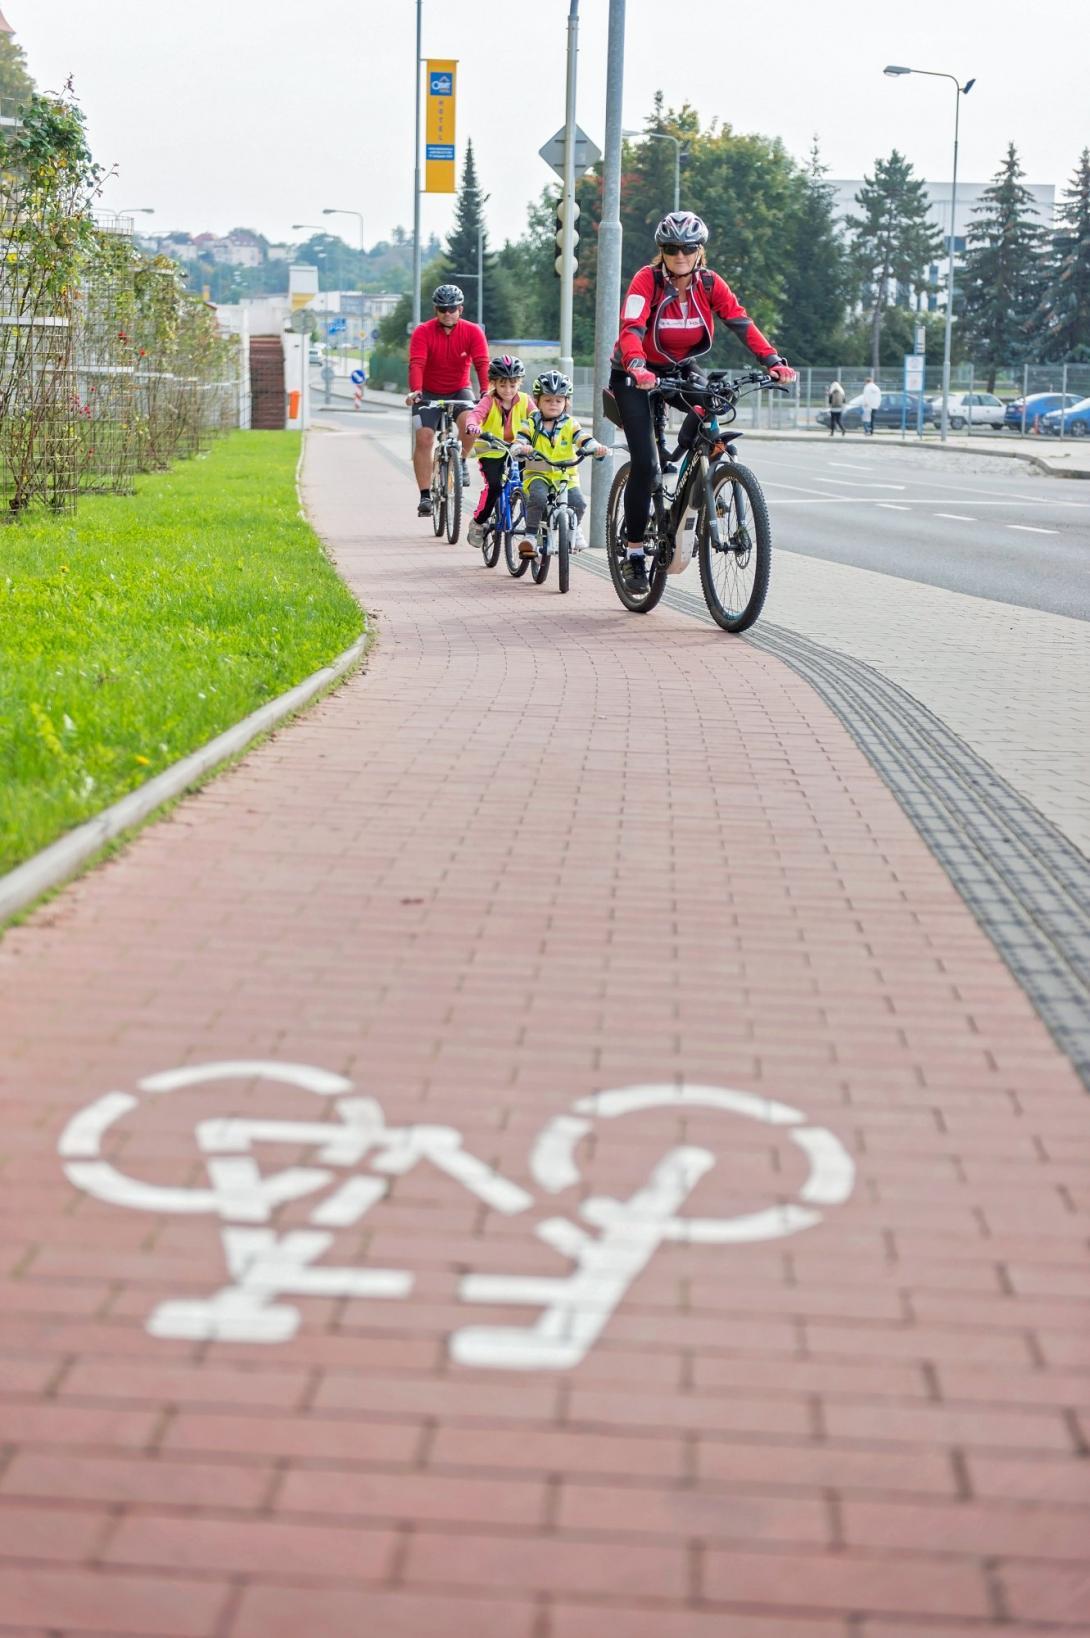 Cyklovýlet - jízda po stezce pro cyklisty ve městě